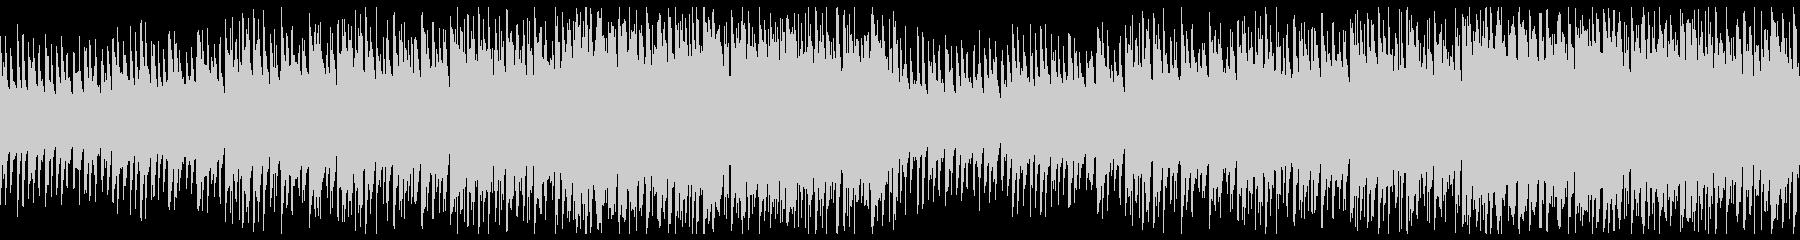 【ドラム抜き】おしゃれなEDMの未再生の波形